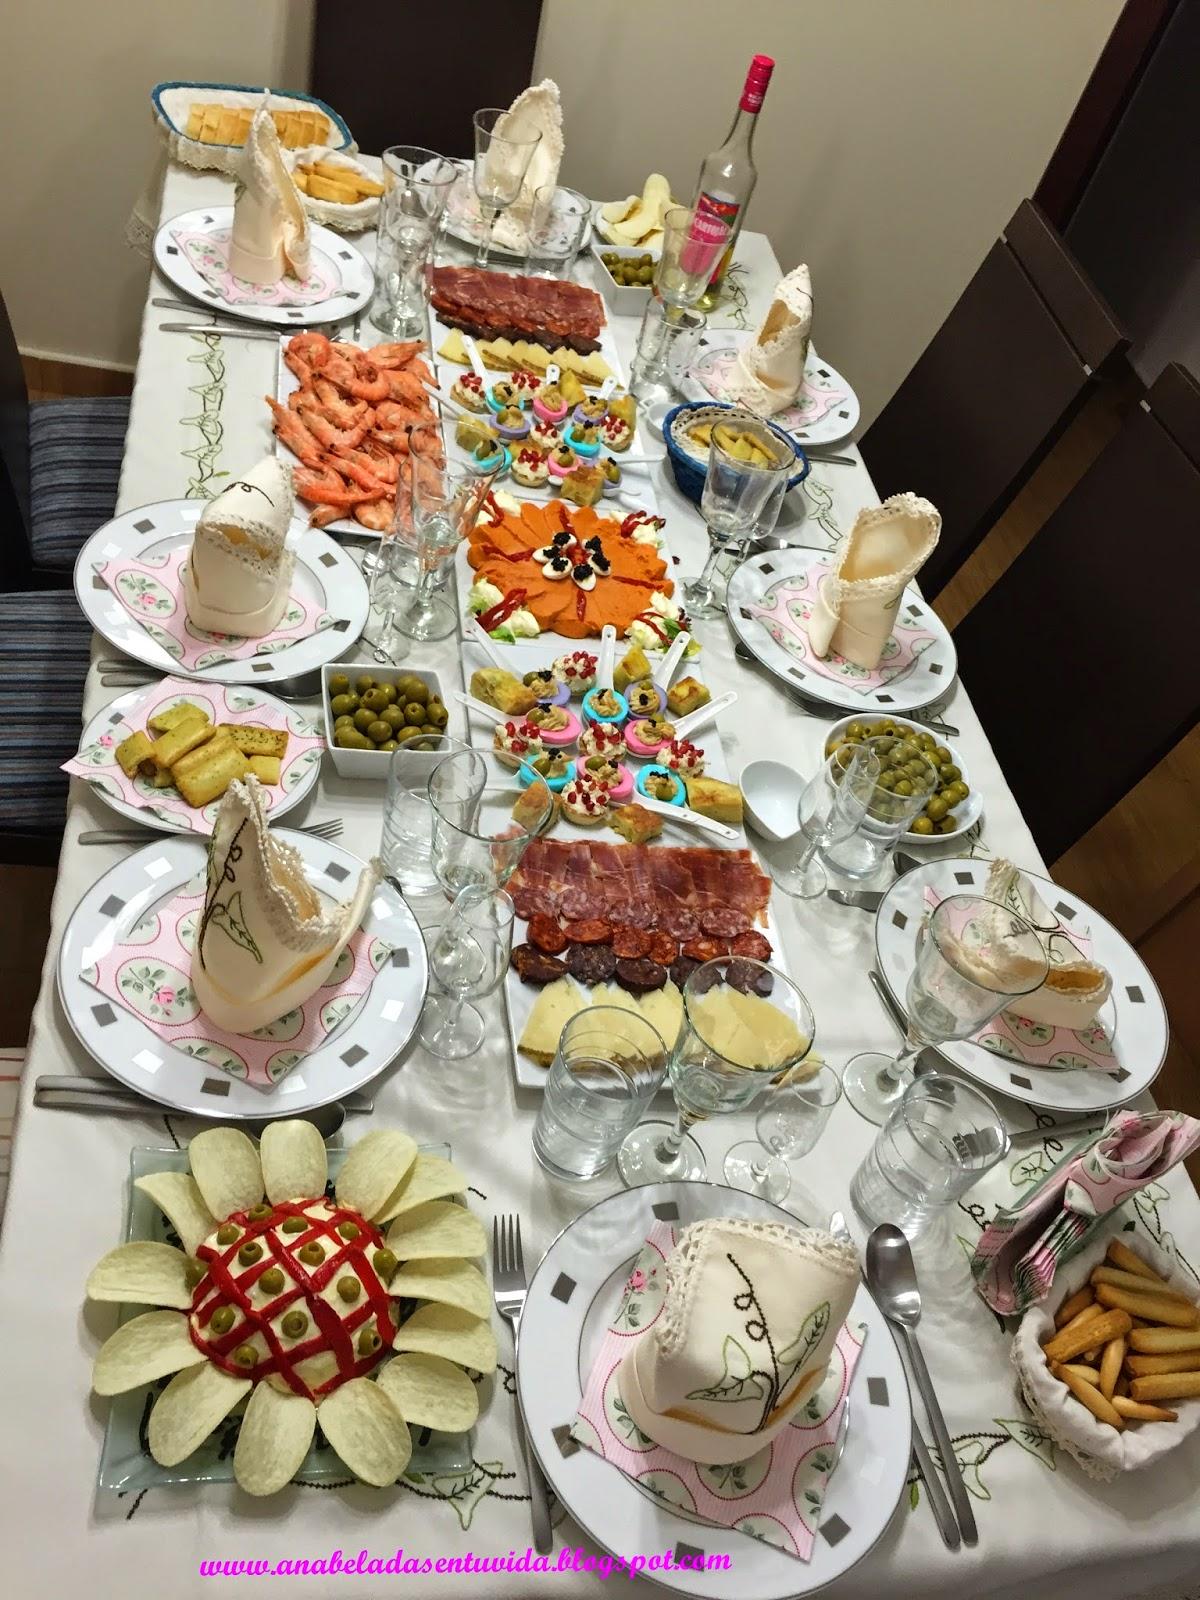 Anabeladas como decorar la mesa en navidad y fin de a o for Como decorar la mesa para navidad